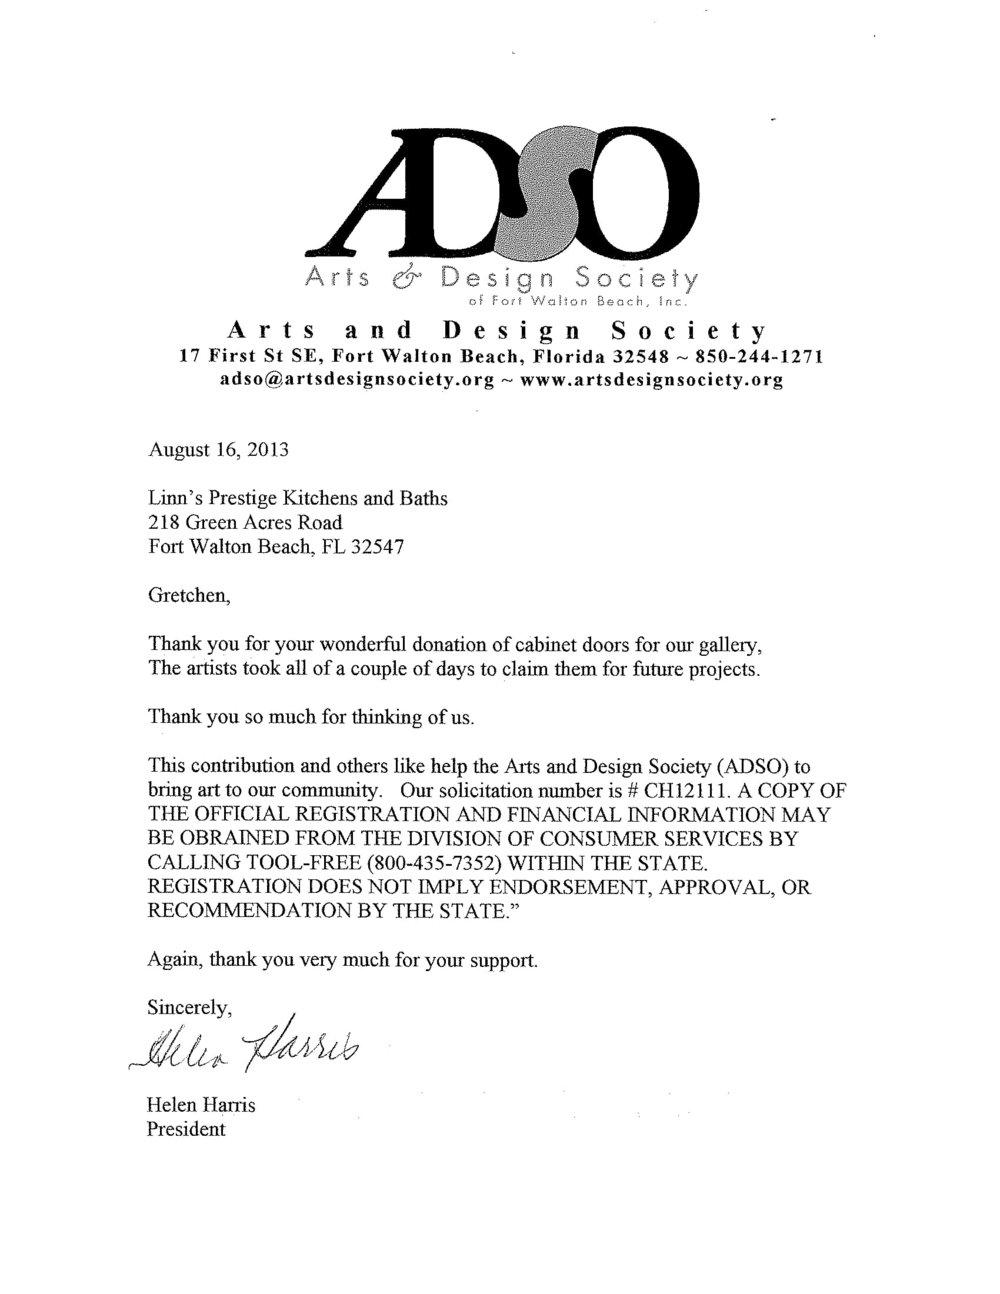 adso_thankyou_letter-1.jpg